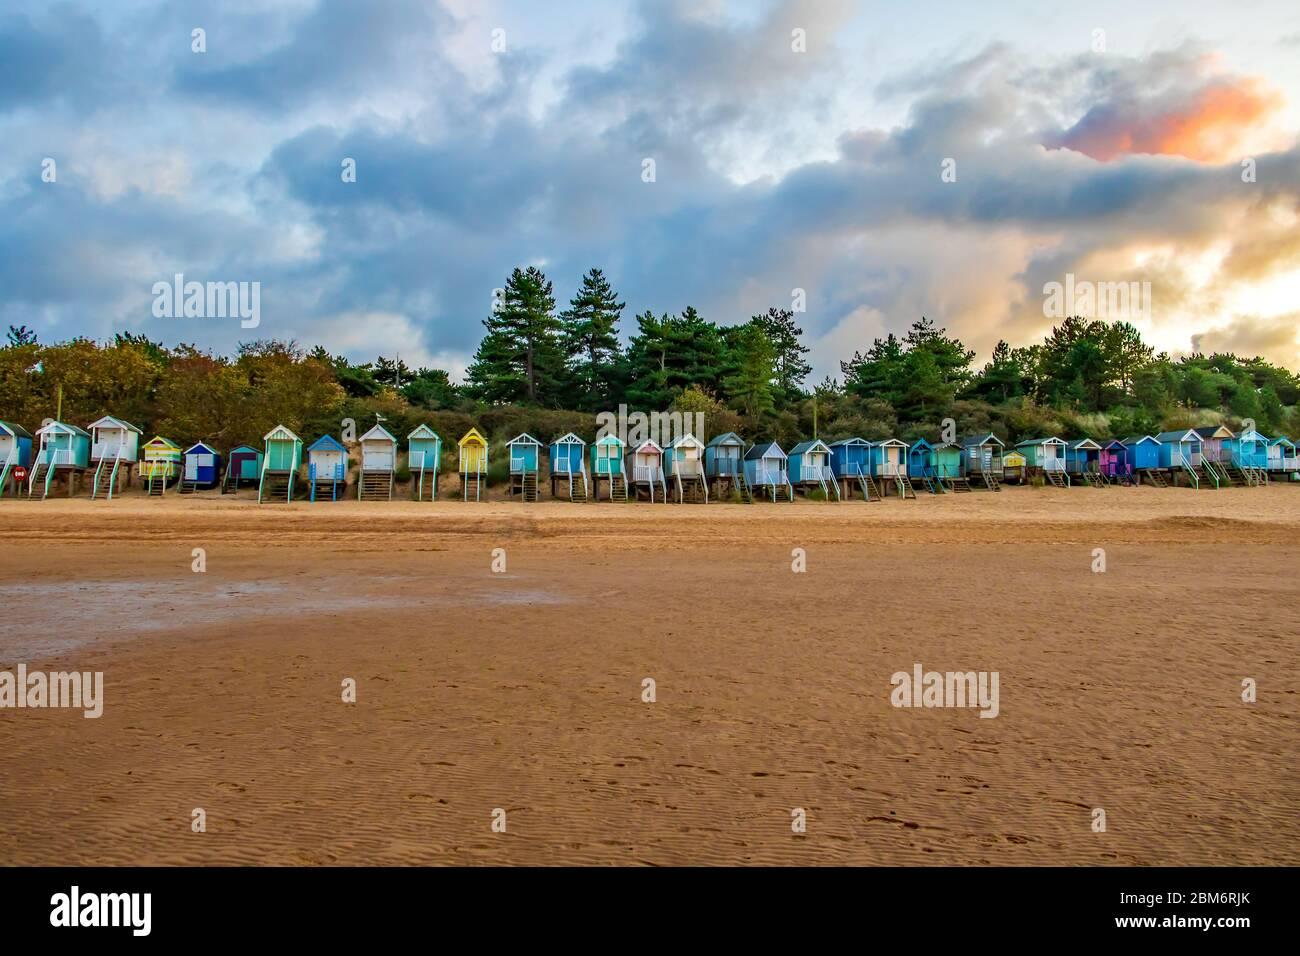 Cabanes de plage à Wells-Next-the-Sea, Norfolk, Royaume-Uni, prises au coucher du soleil Banque D'Images